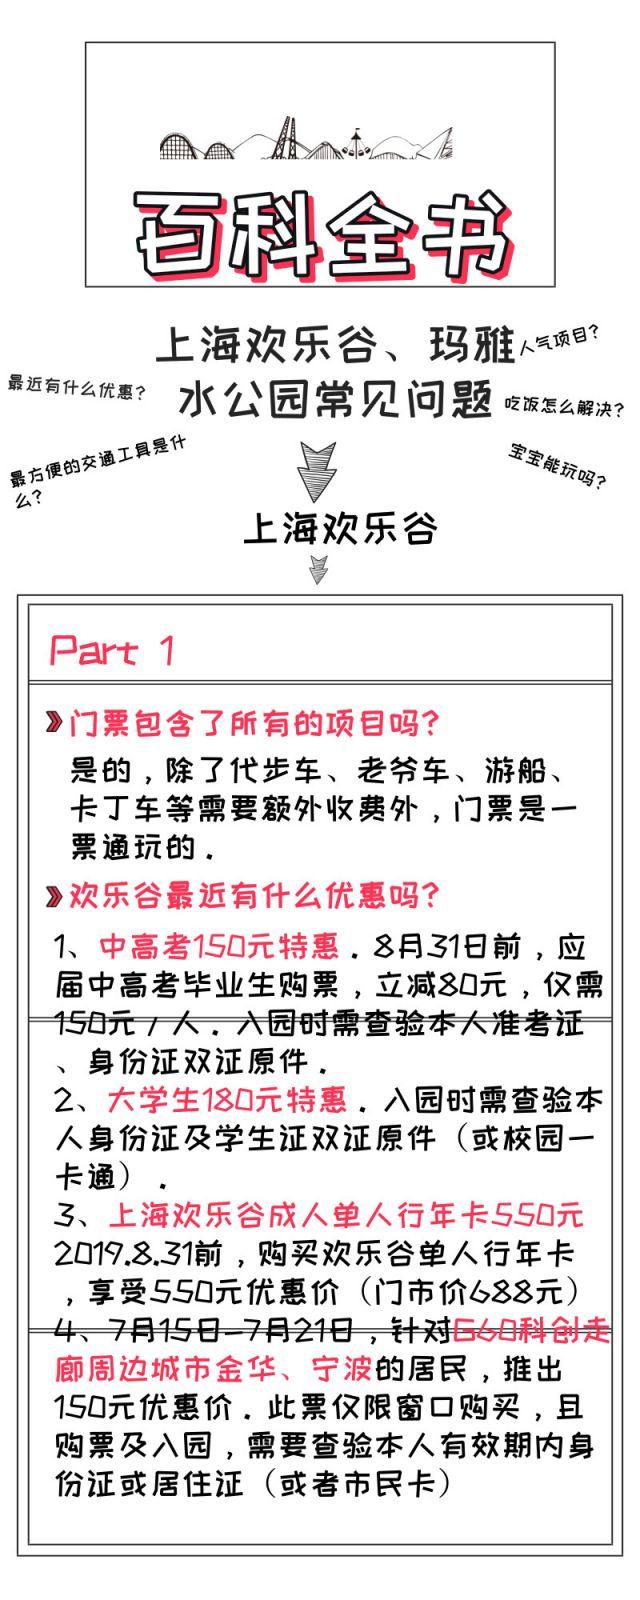 上海欢乐谷常见问题及解答(门票+优惠+攻略+交通)